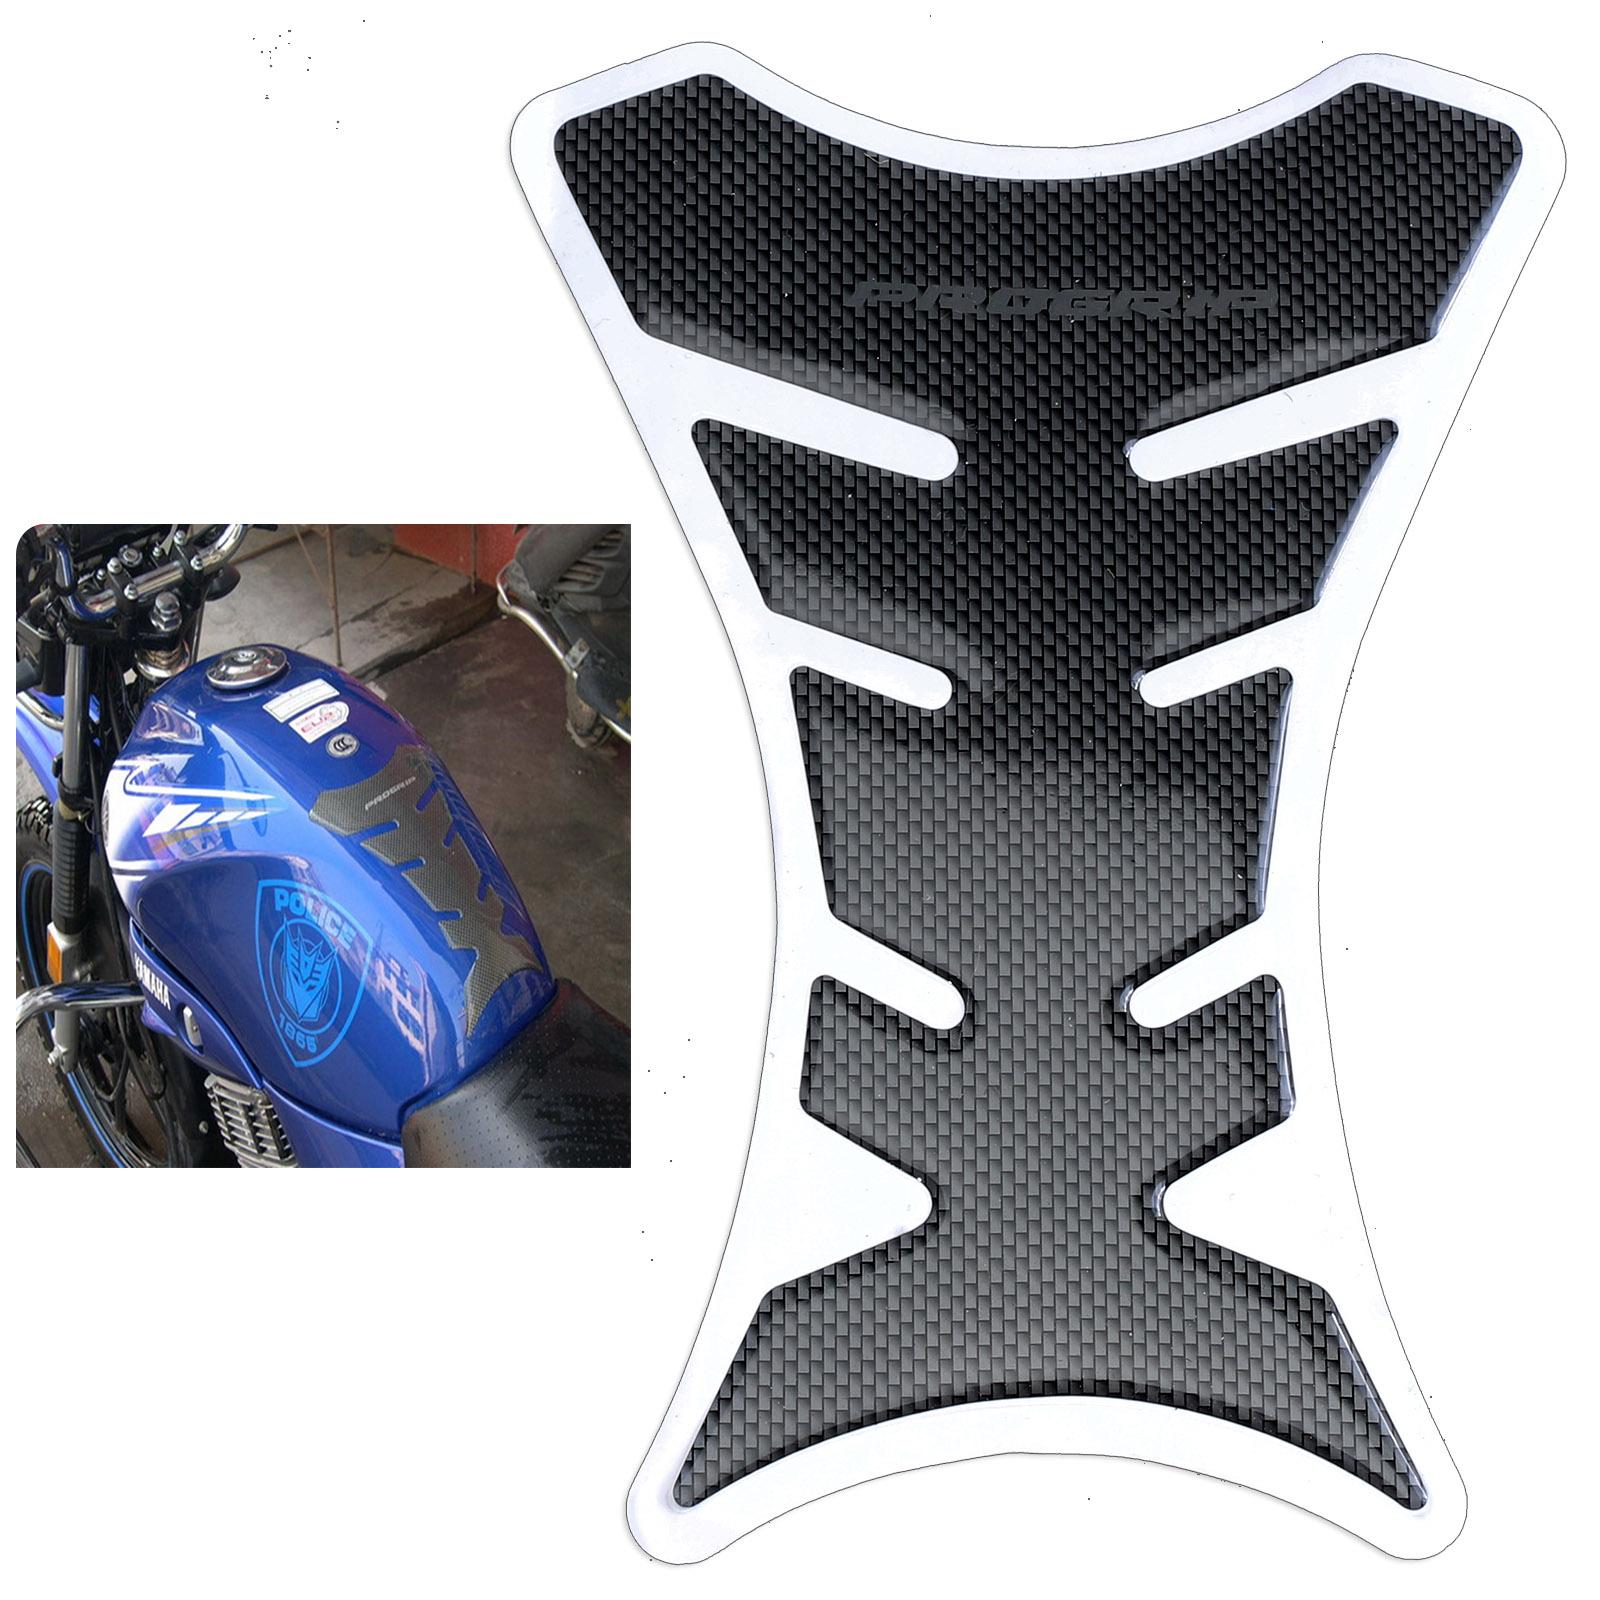 Fooqs Tankpad for Yamaha FJR 1300 Black